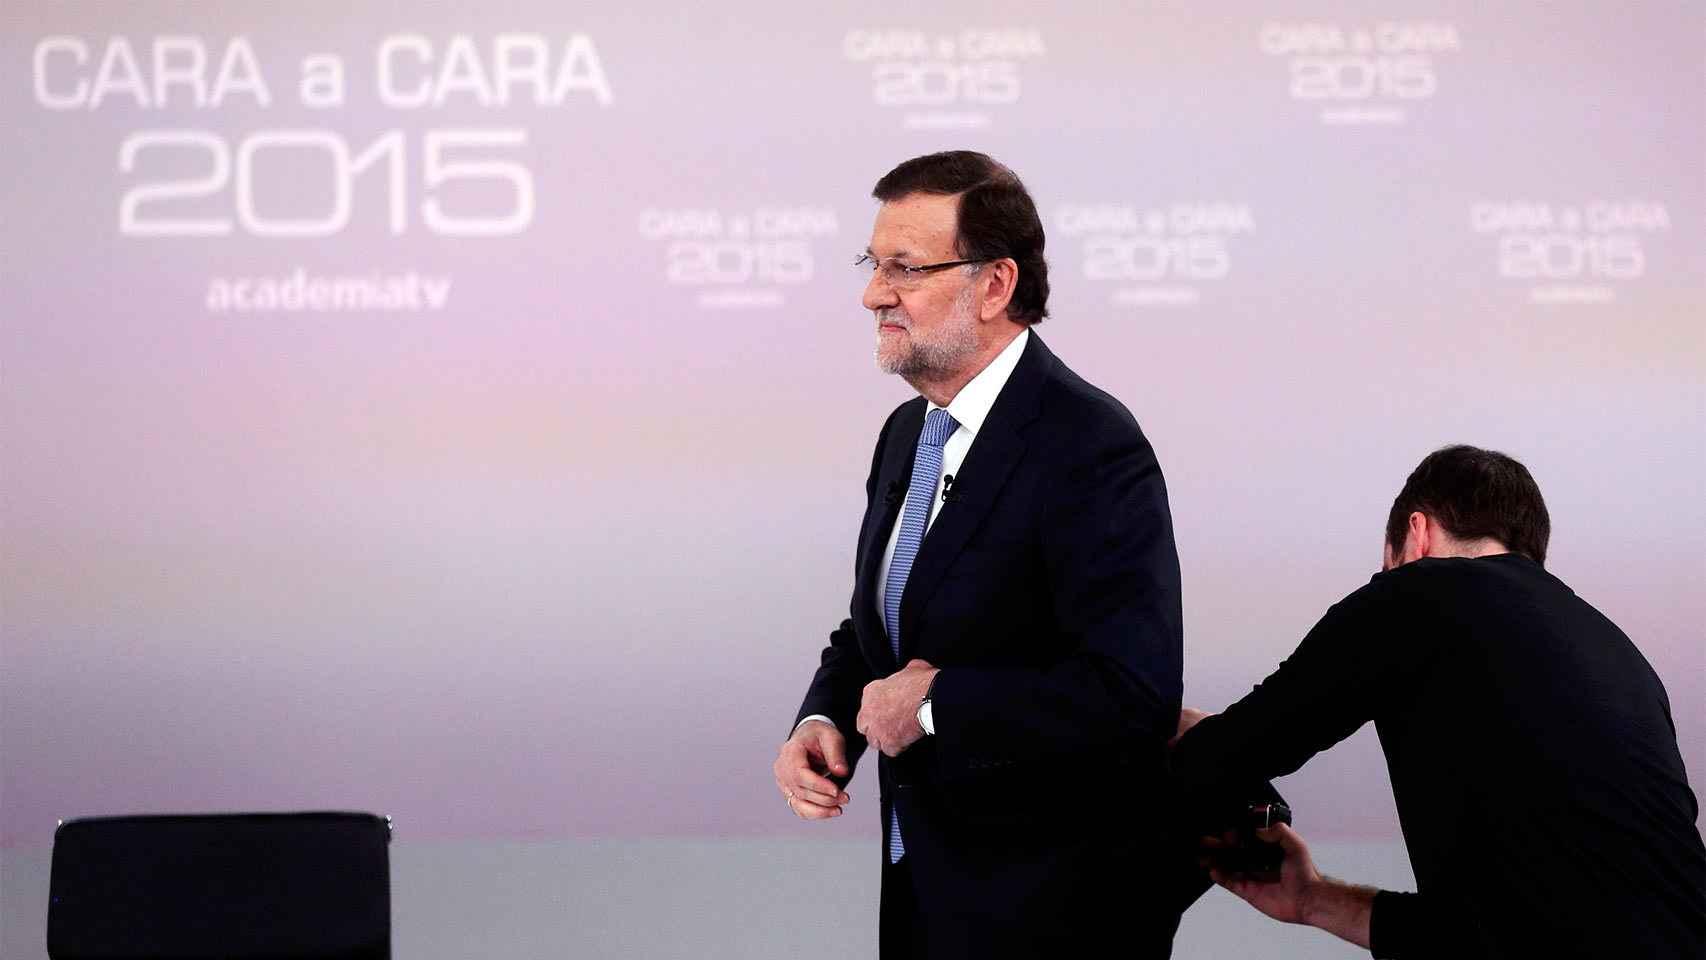 Un operador coloca el micrófono a Rajoy.